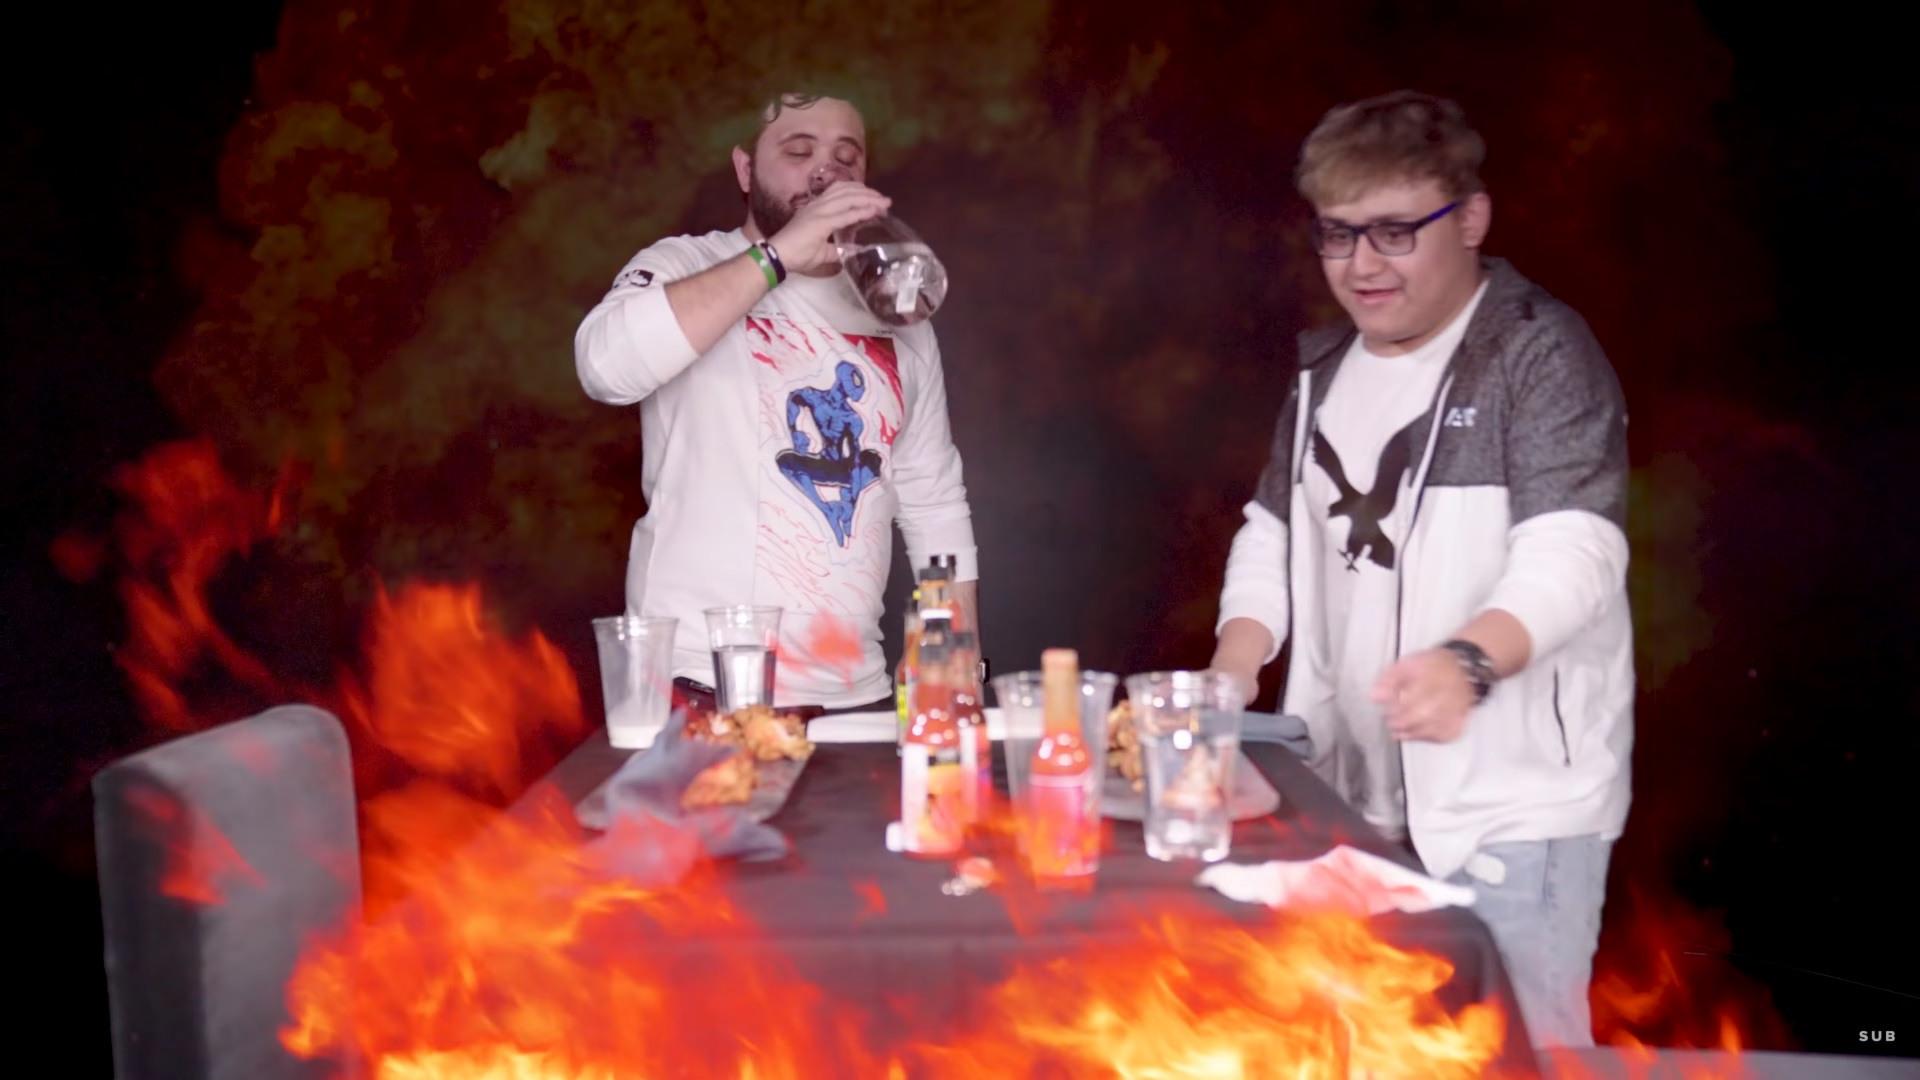 YouTube: Team Liquid